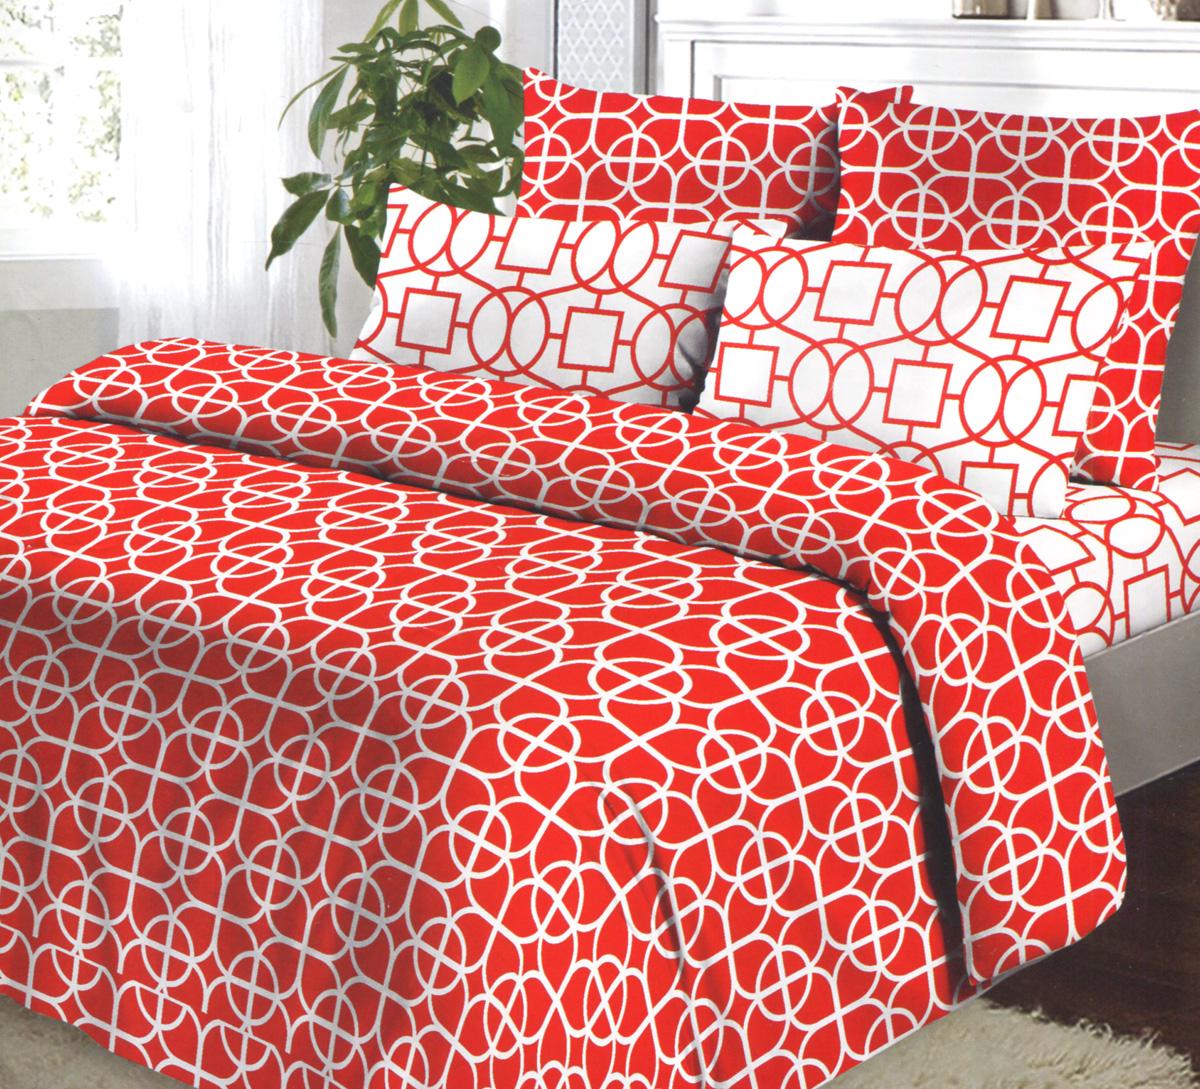 Комплект белья Коллекция Гео, 2-спальный, наволочки 70х70, цвет: красный, белый391602Комплект постельного белья Коллекция Гео выполнен из бязи (100% натурального хлопка). Комплект состоит из пододеяльника, простыни и двух наволочек. Постельное белье оформлено ярким красочным рисунком.Хорошая, качественная бязь всегда ценилась любителями спокойного и комфортного сна. Гладкая структура делает ткань приятной на ощупь, мягкой и нежной, при этом она прочная и хорошо сохраняет форму. Благодаря такому комплекту постельного белья вы сможете создать атмосферу роскоши и романтики в вашей спальне.